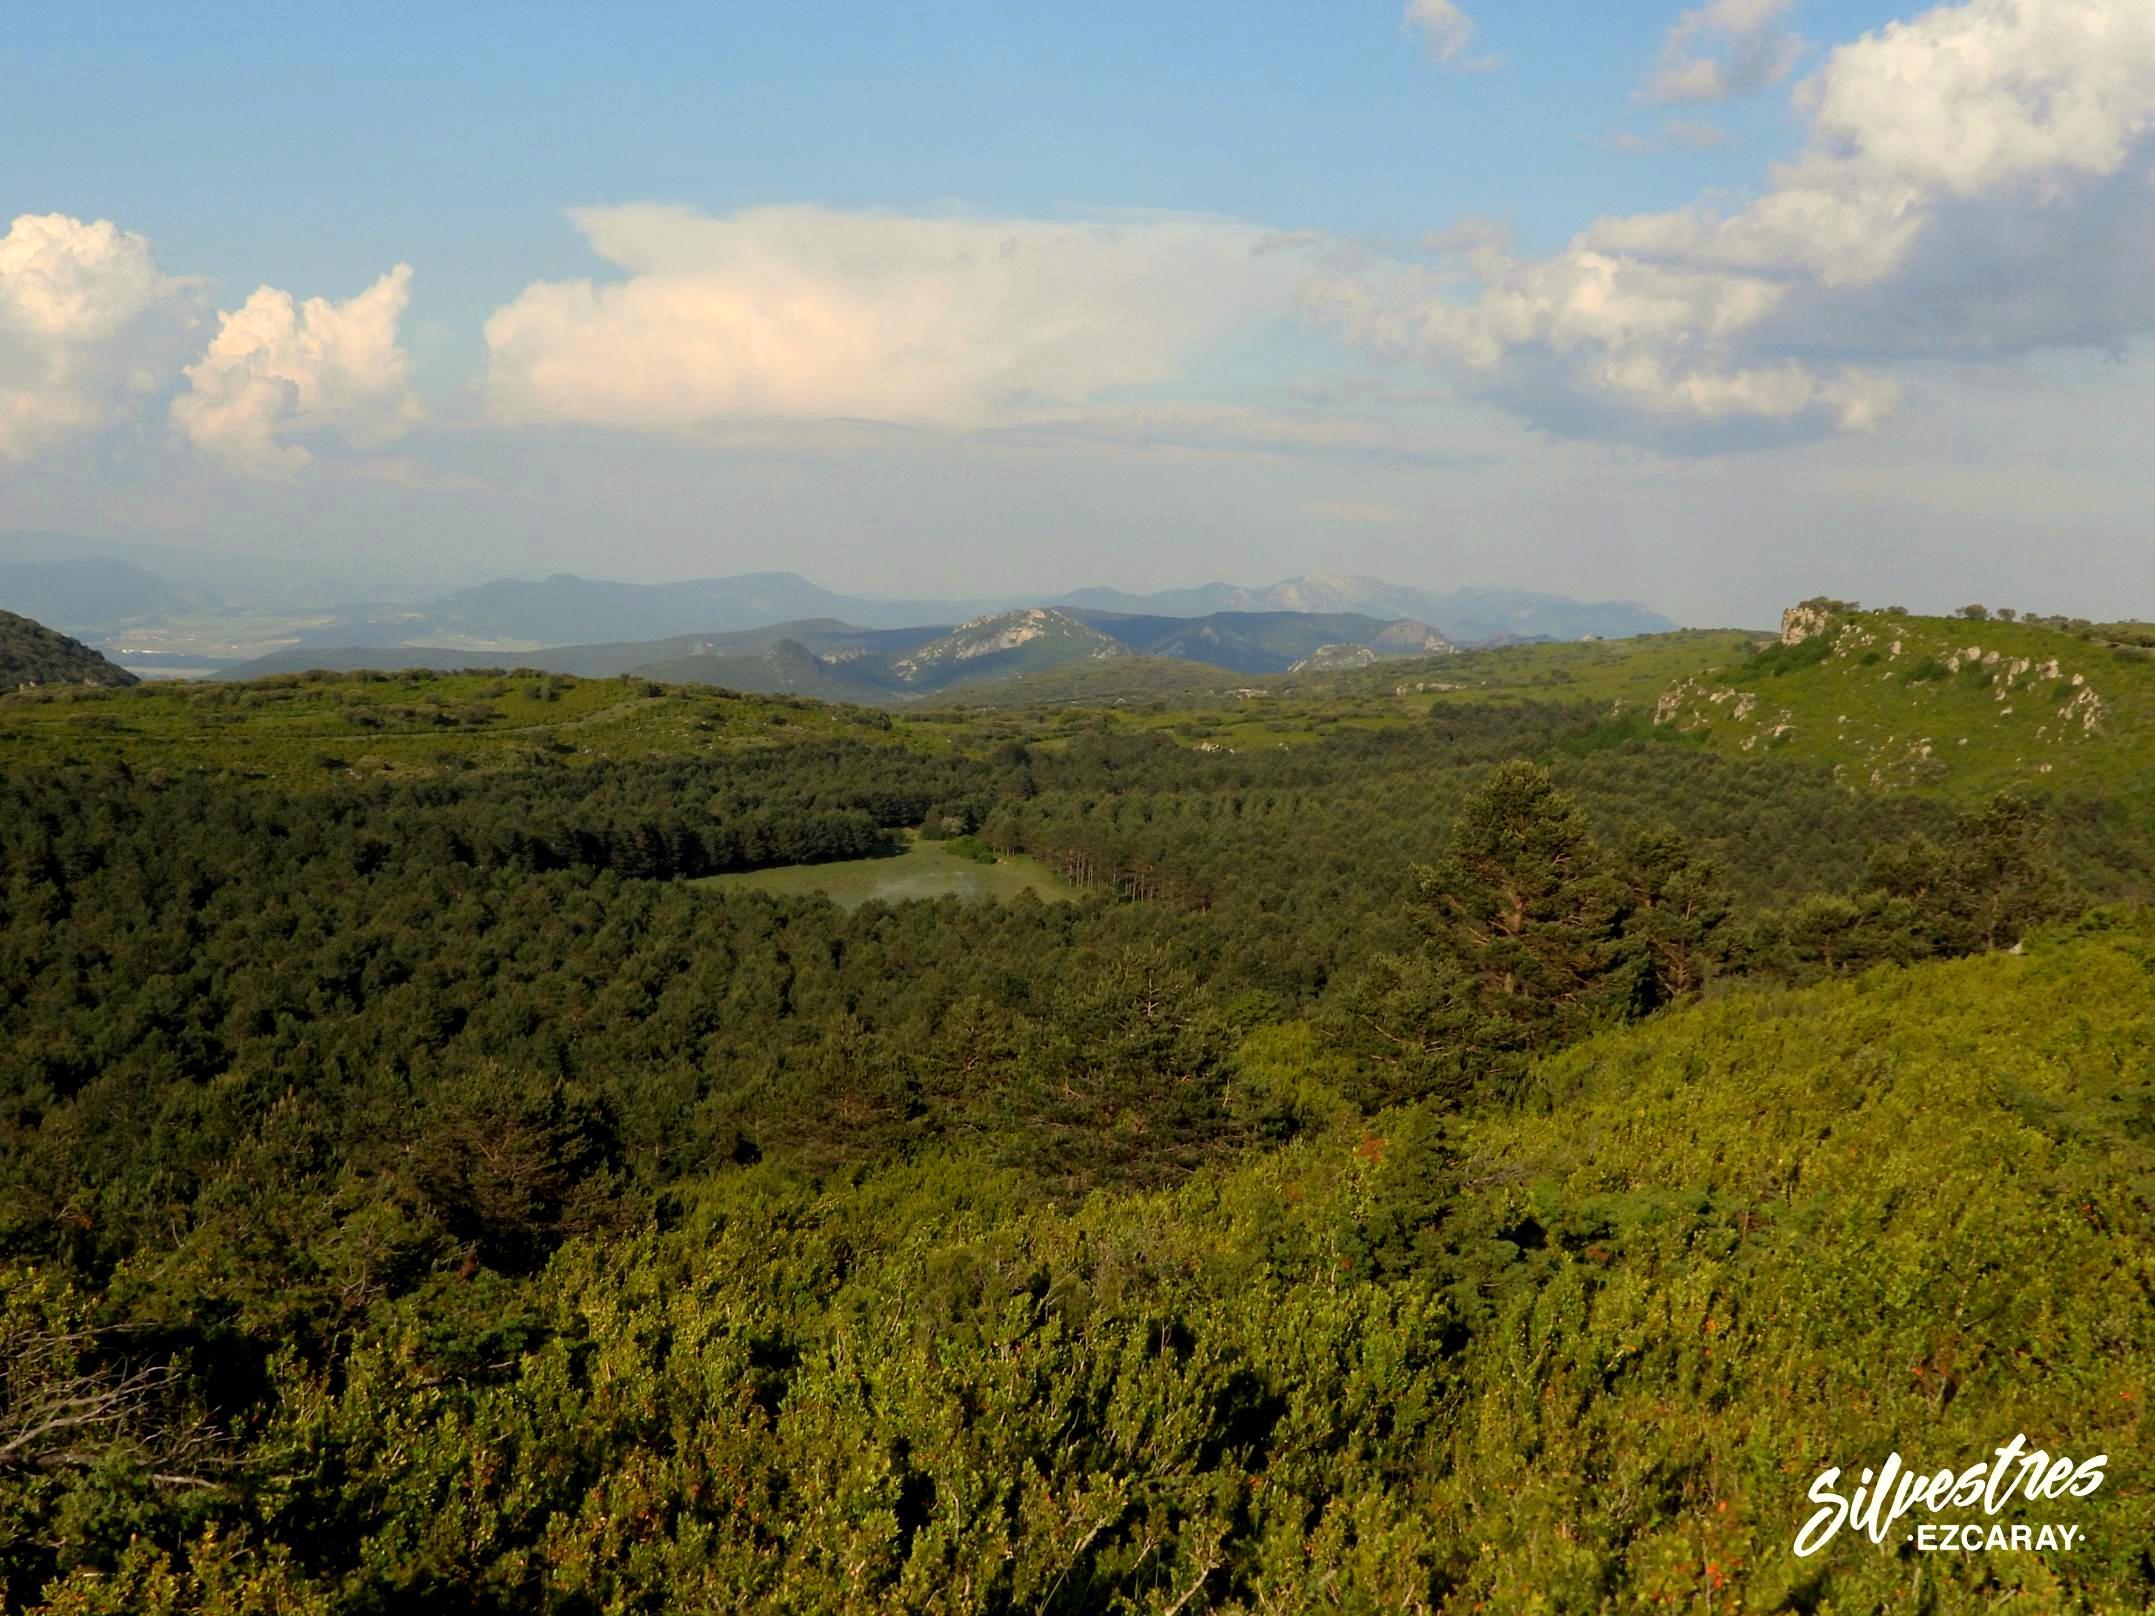 laguna_monte_paisaje_foncea_obarenes_riojanos_zonas_interés_guia_silvestres_ezcaray